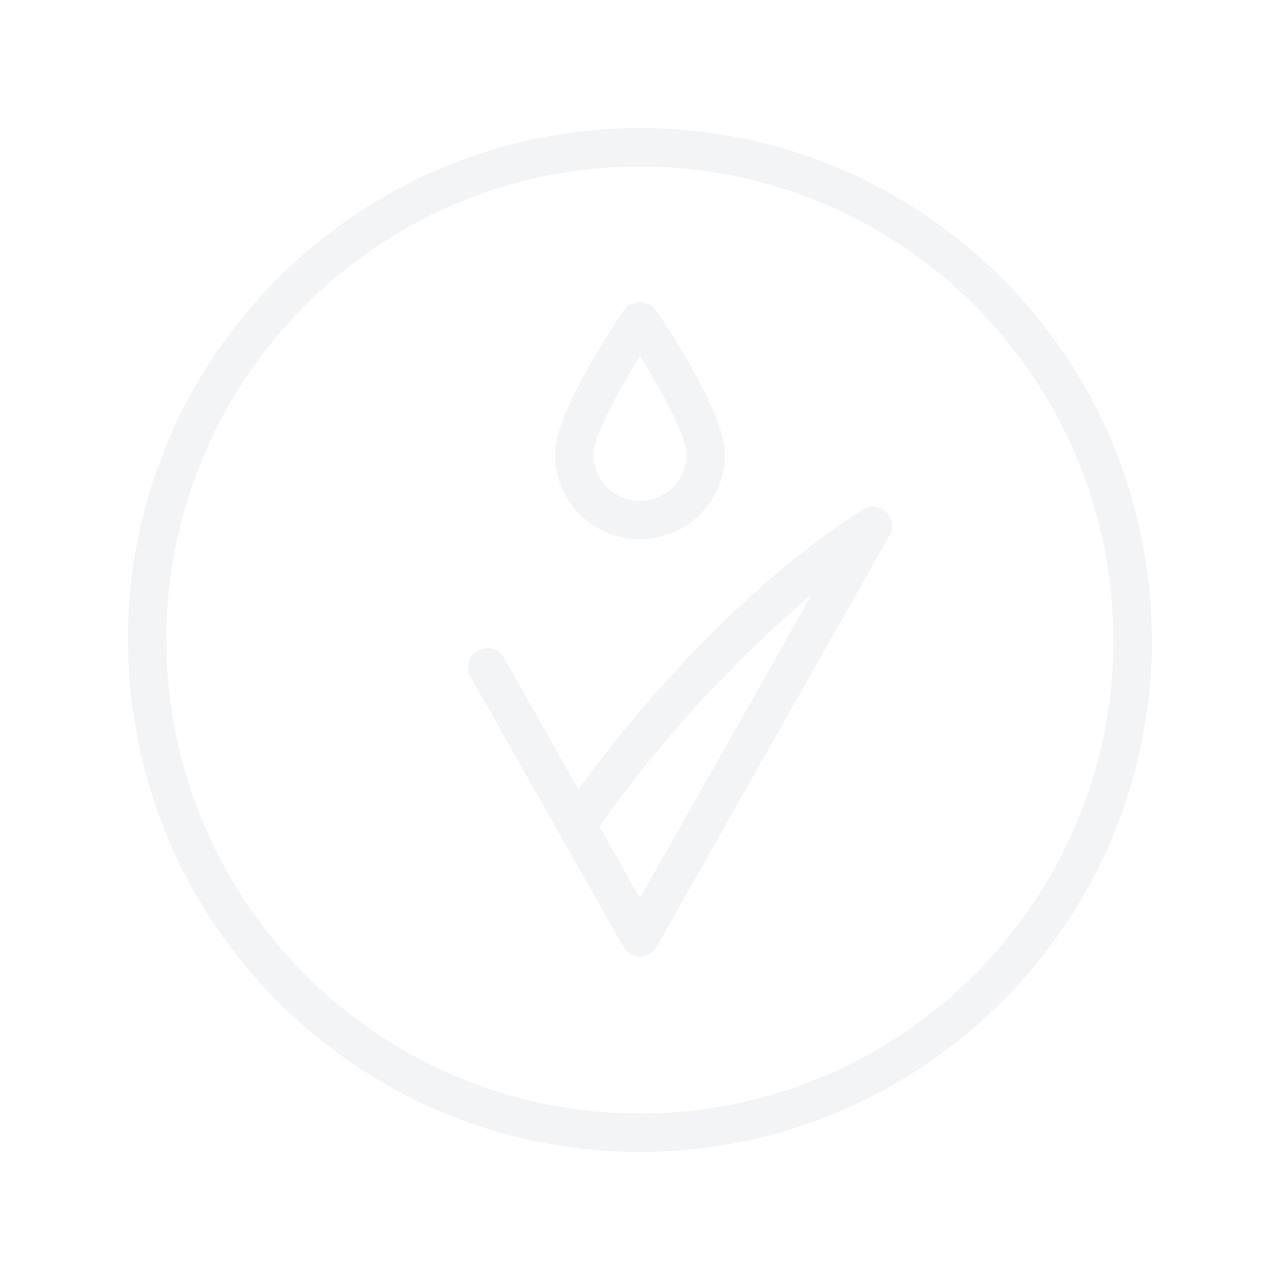 BOURJOIS Contour Edition Lip Liner 1.14g